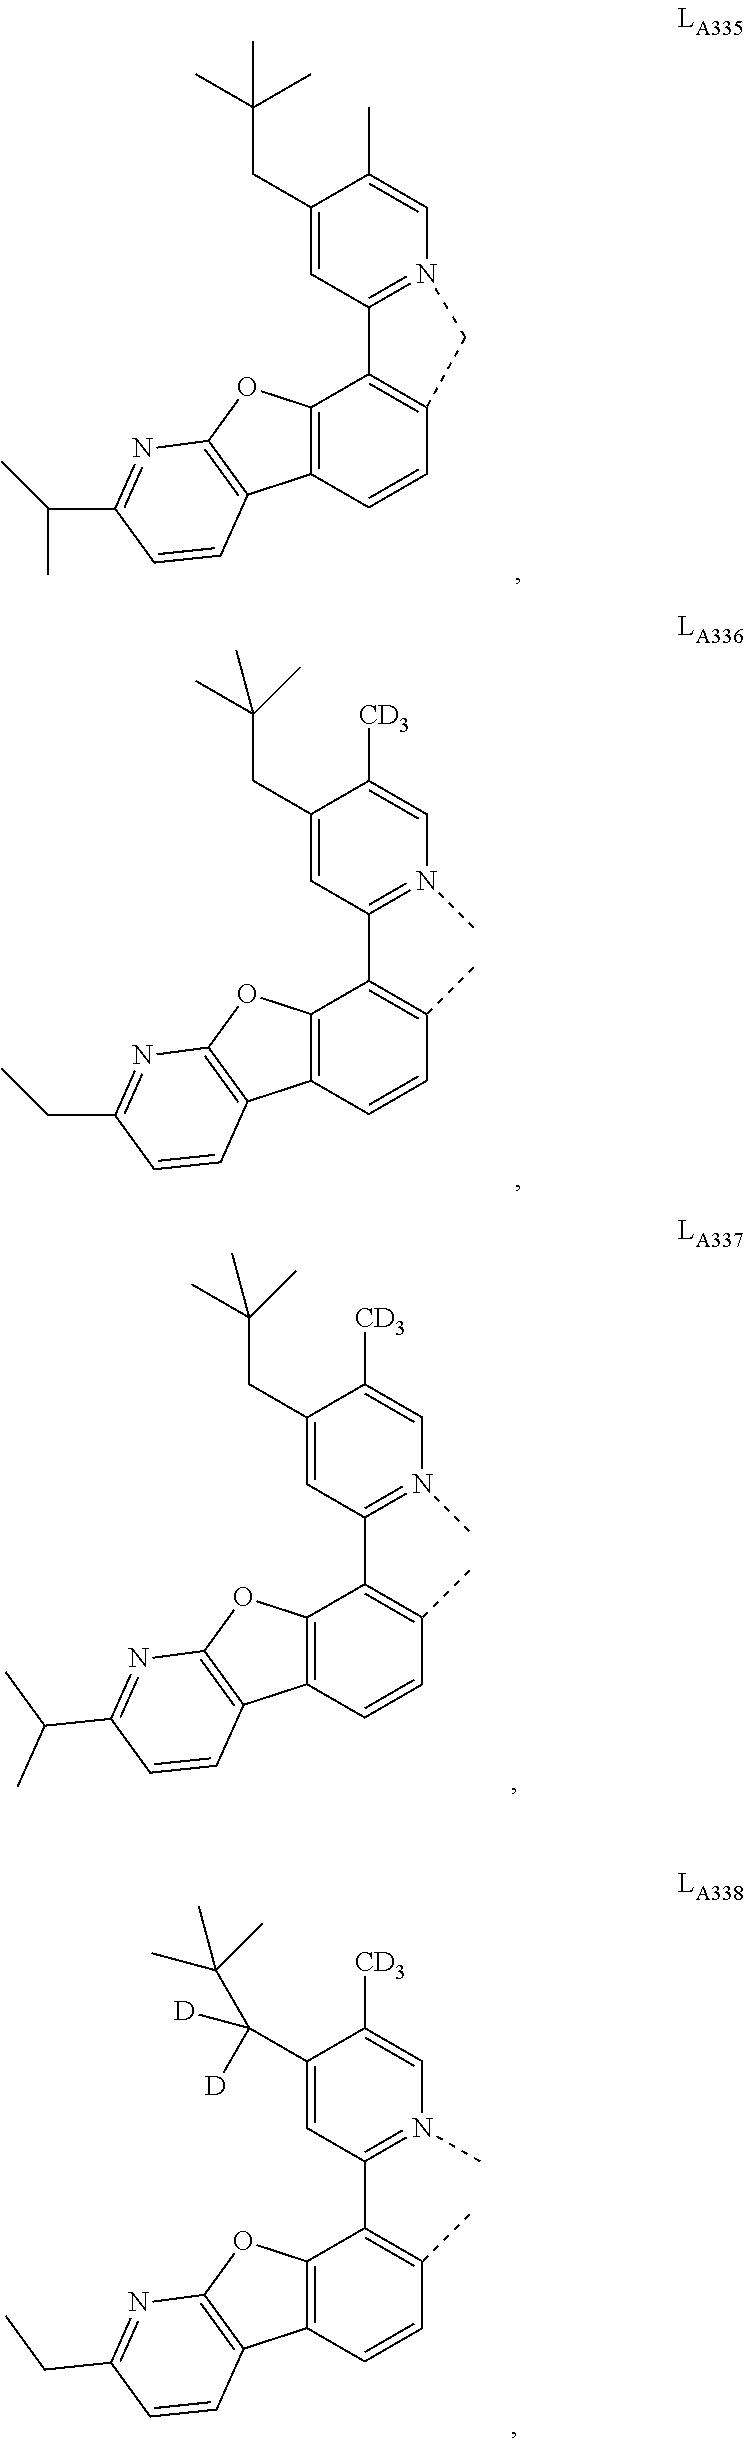 Figure US20160049599A1-20160218-C00472